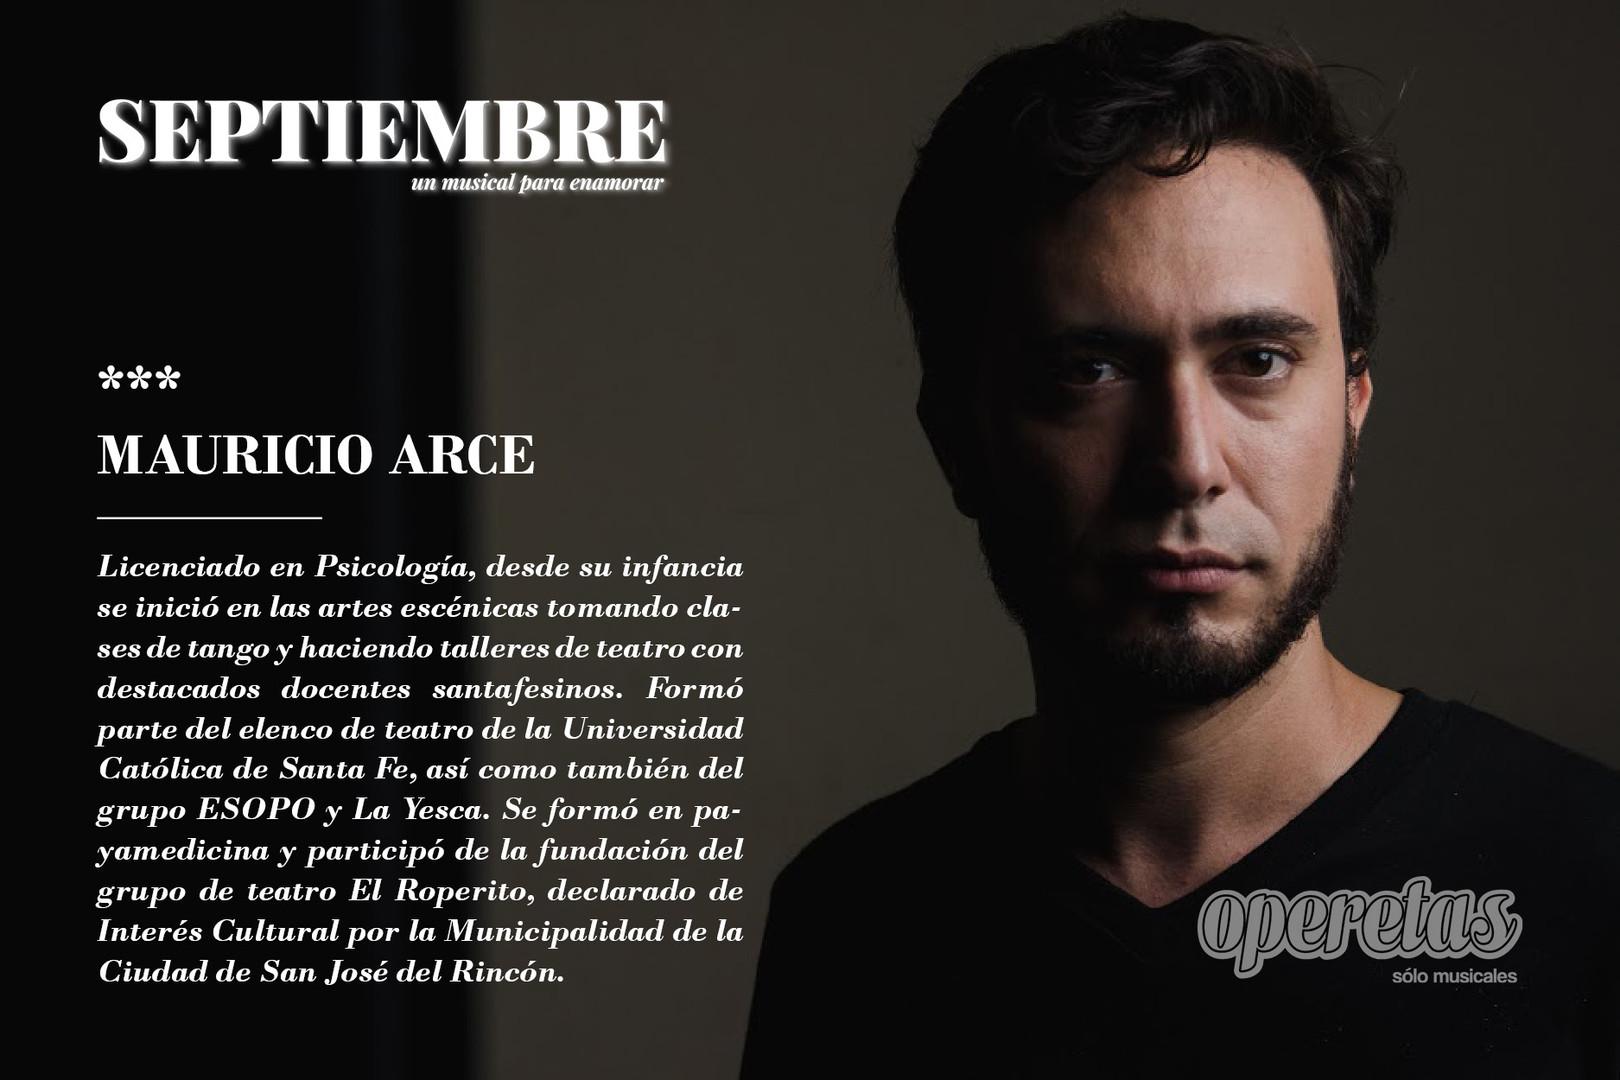 Mauricio Arce